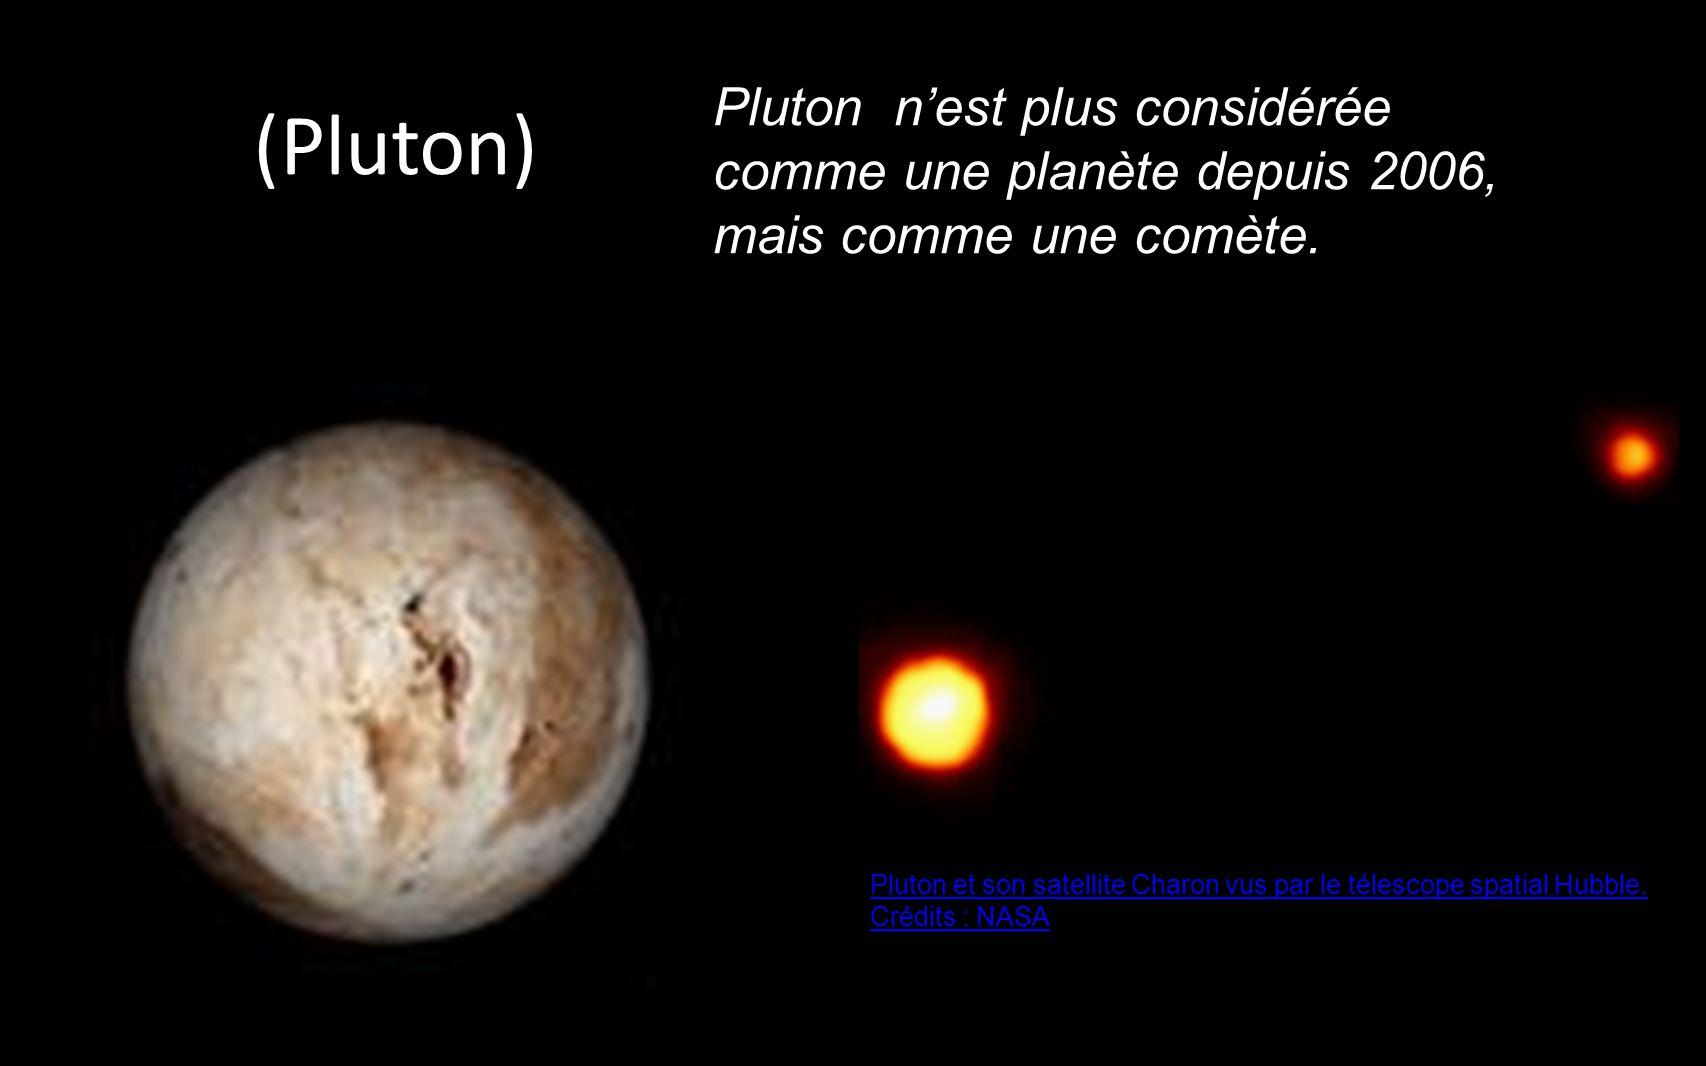 (Pluton) Pluton nest plus considérée comme une planète depuis 2006, mais comme une comète.